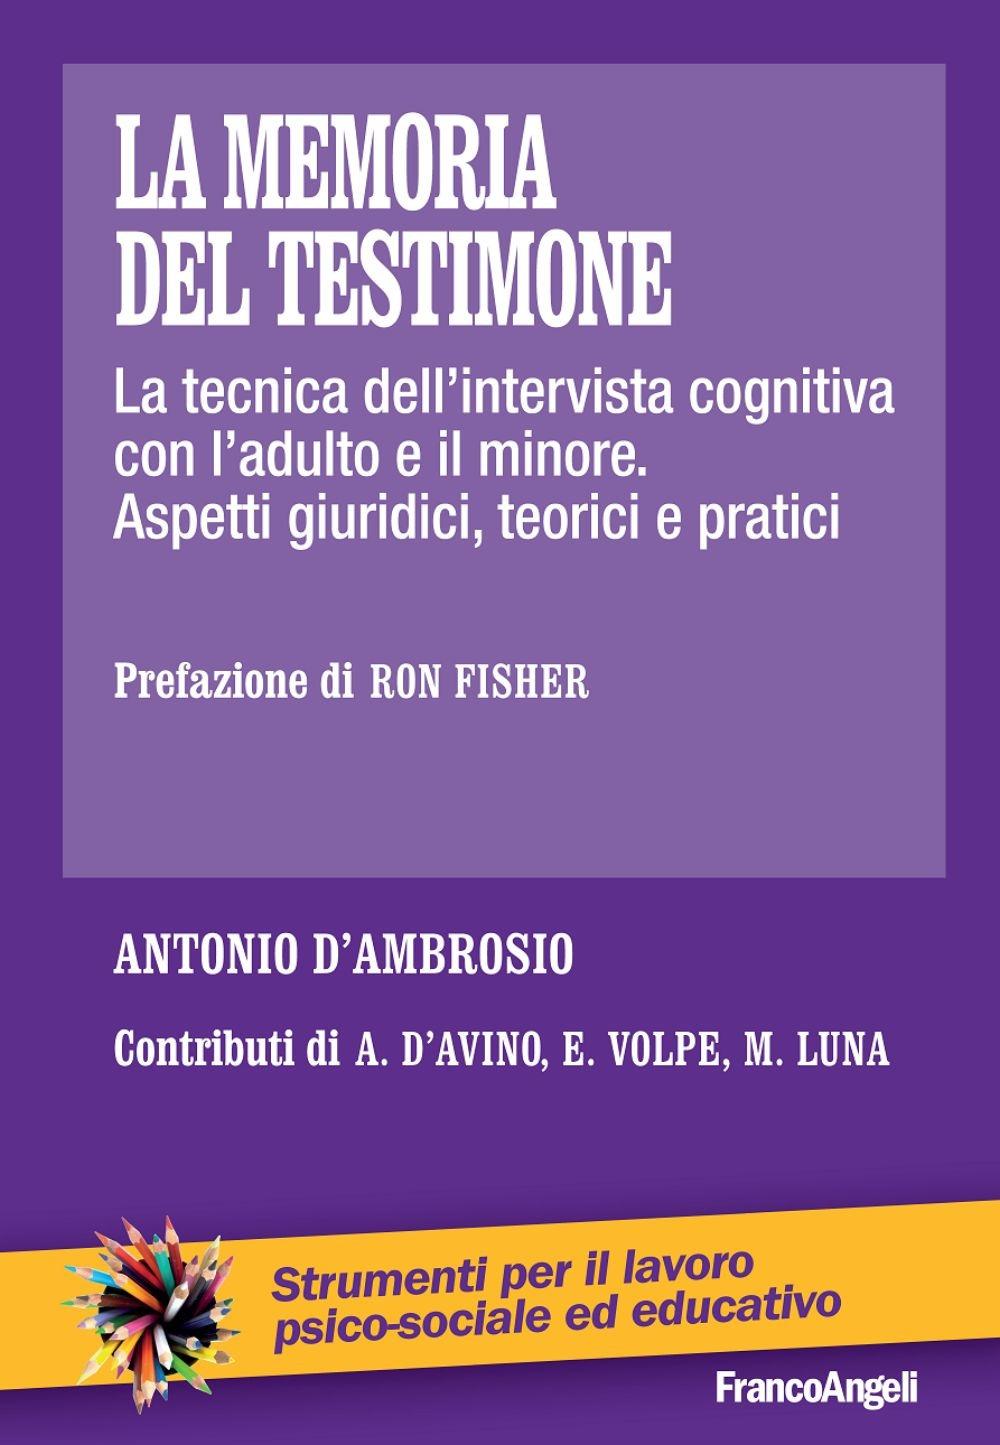 La memoria del testimone. La tecnica dell'intervista cognitiva con l'adulto e il minore. Aspetti giuridici, teorici e pratici